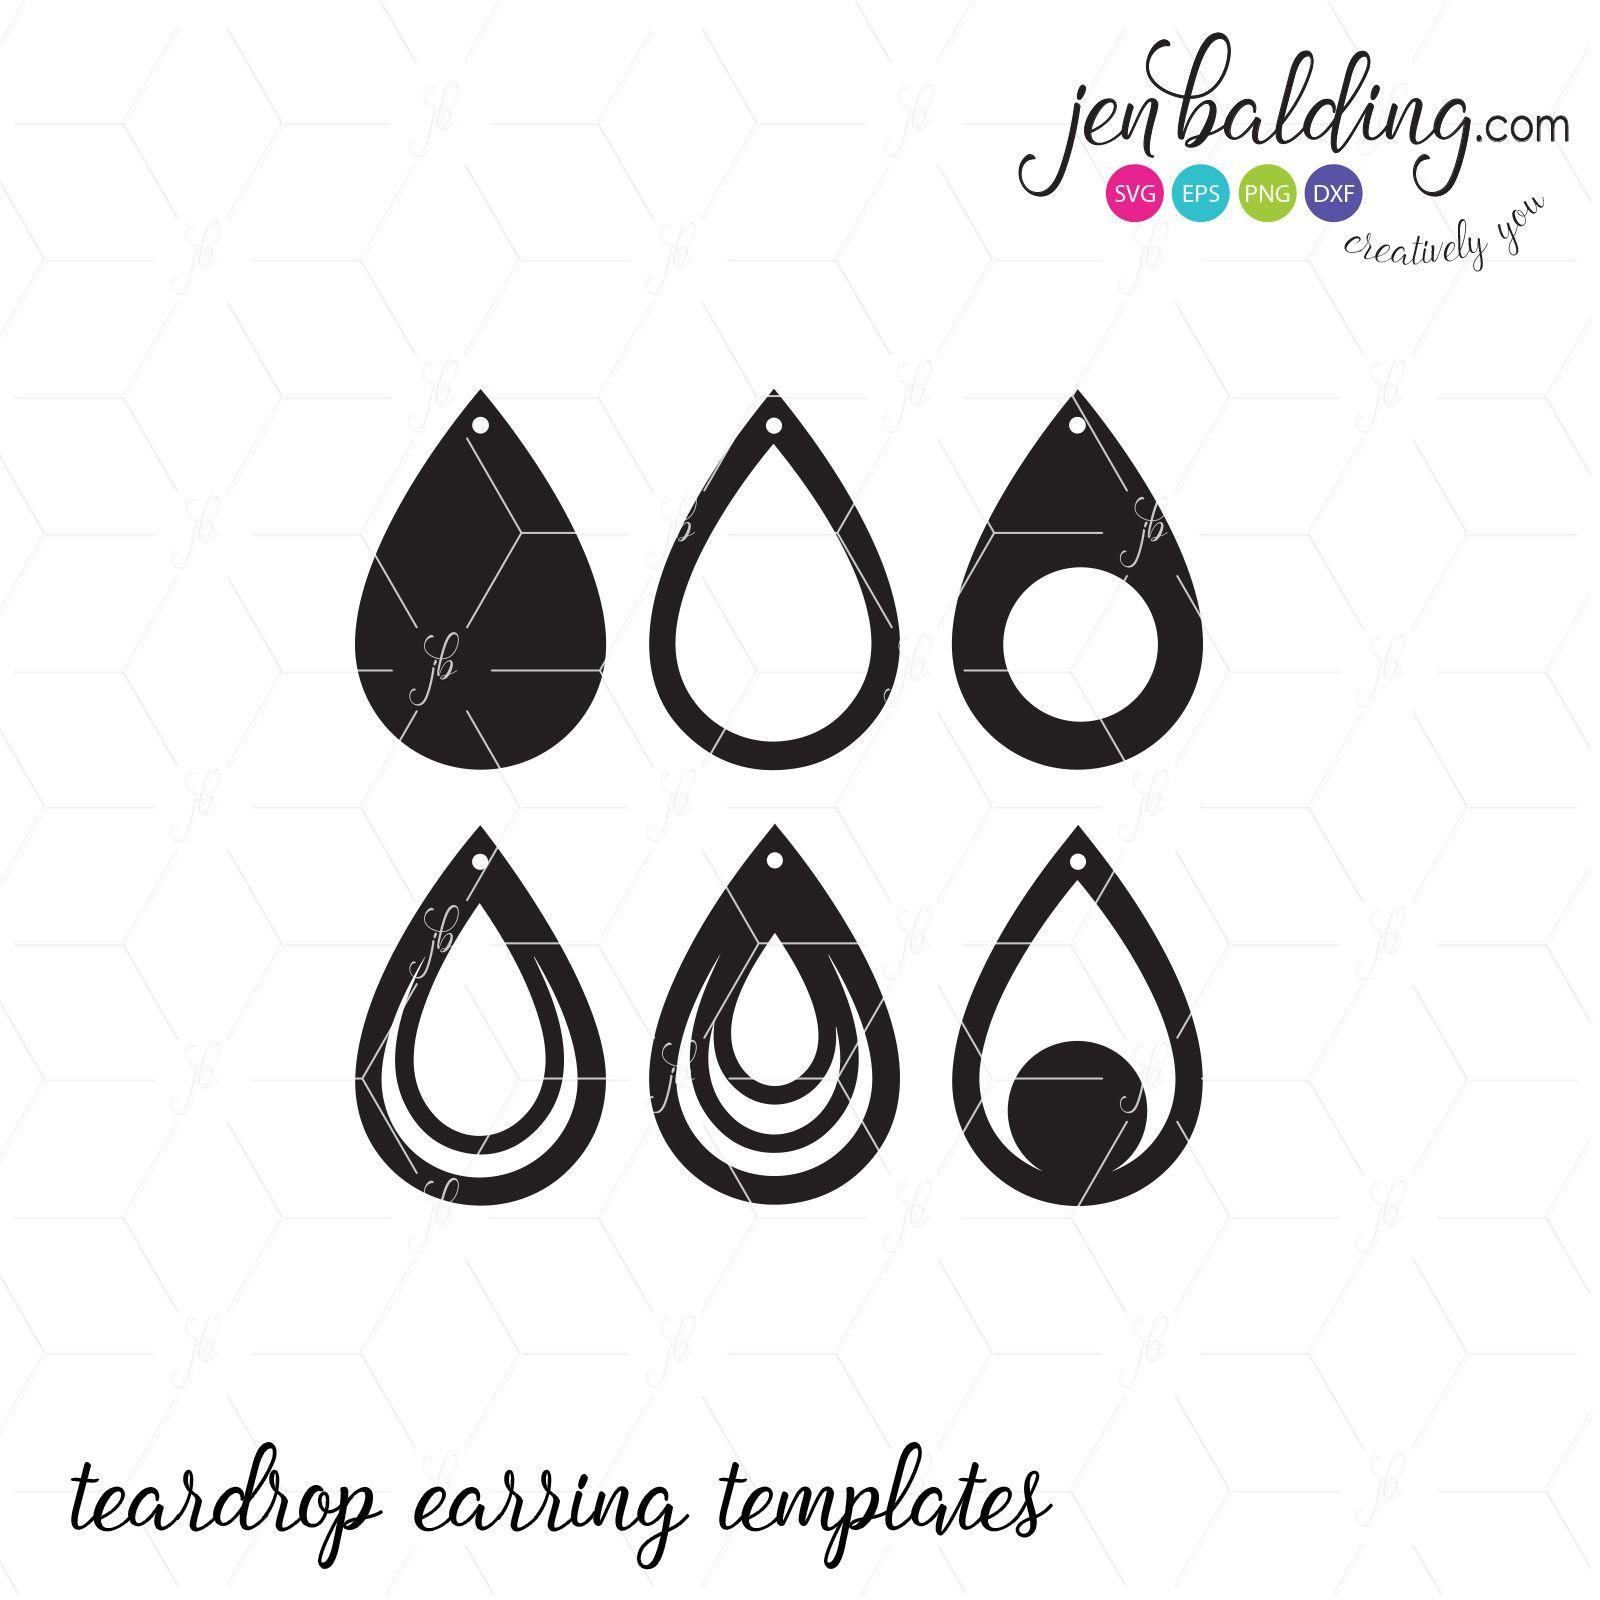 Teardrop Earring Templates Sofontsy Earringsprojects Leather Earrings Silhouette Earring Earring Cards Template